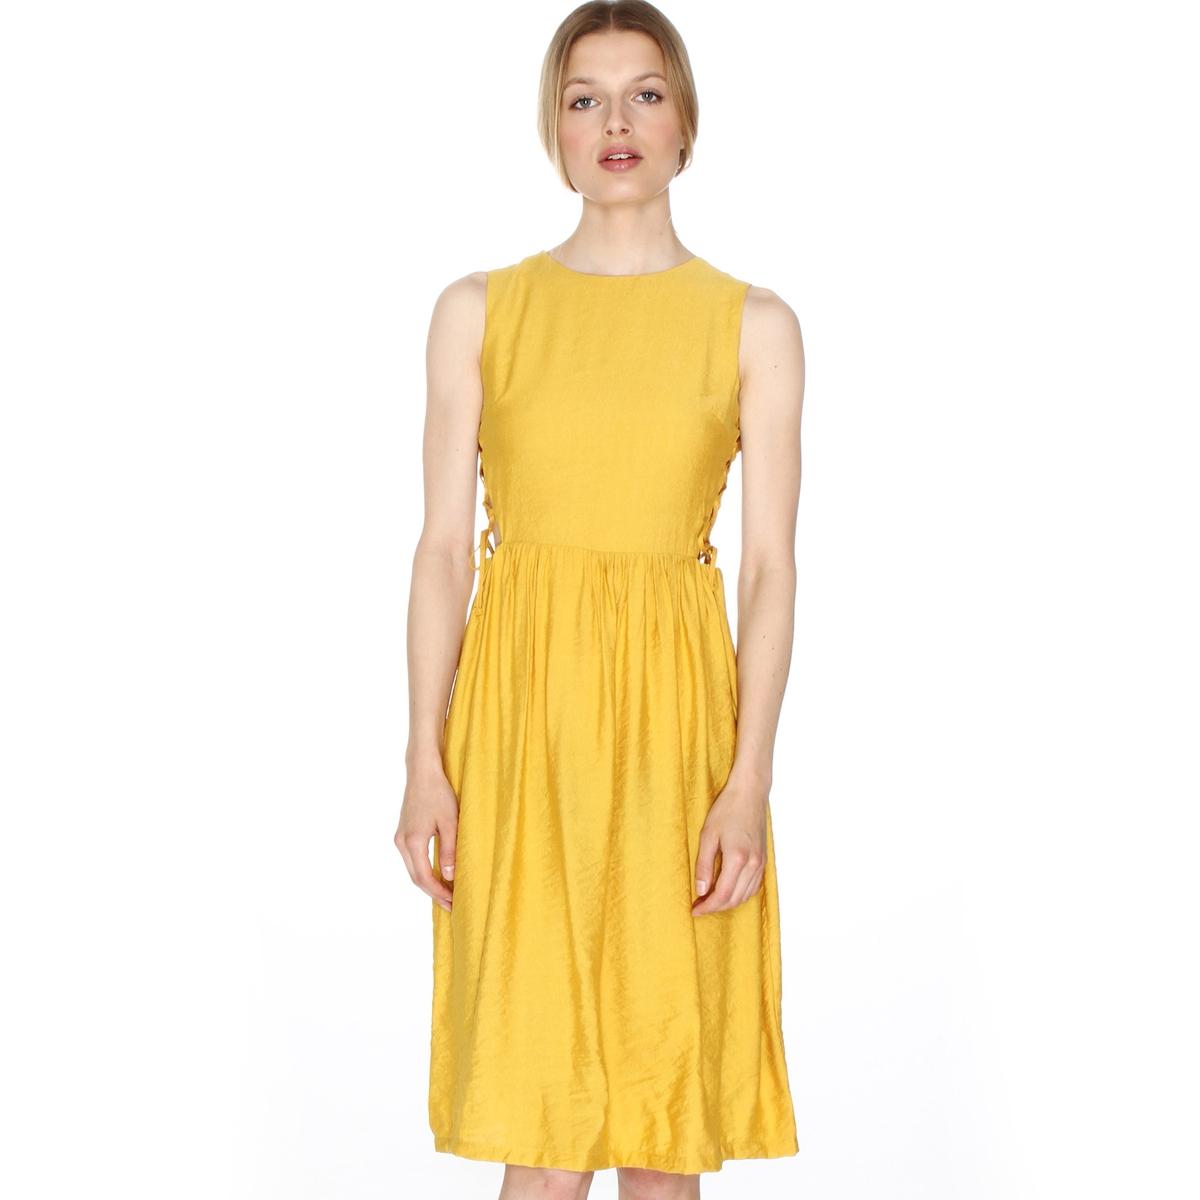 Платье расклешенное без рукавов, на шнуровке сбоку